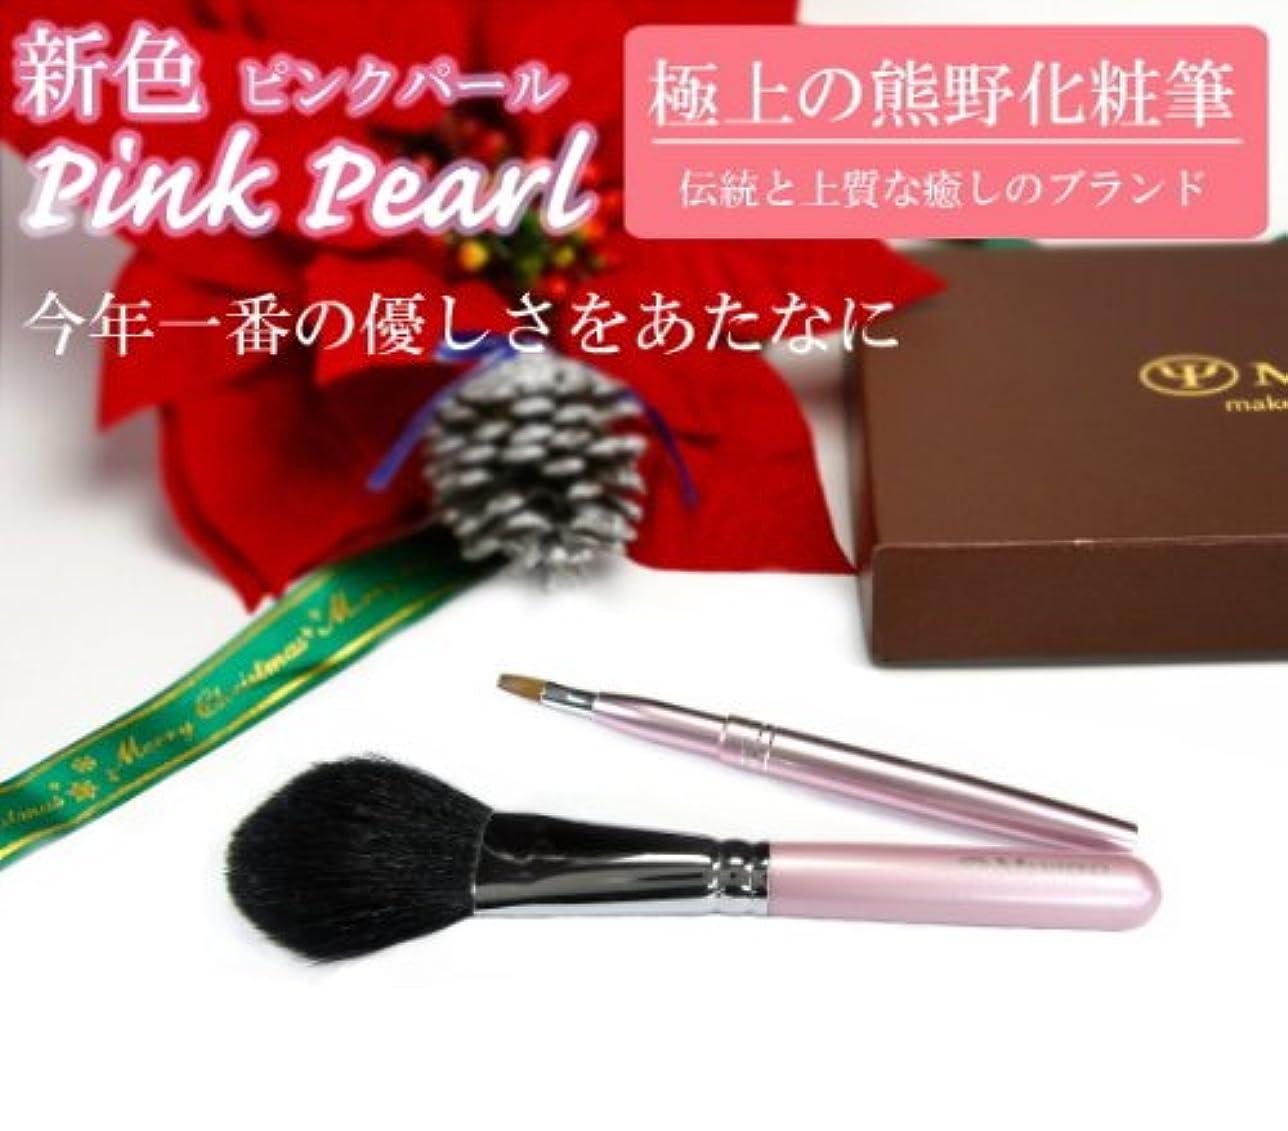 衝突フィールド光電高級熊野化粧筆 ピンクパール2本セット[ミドル軸タイプ]プレゼント包装